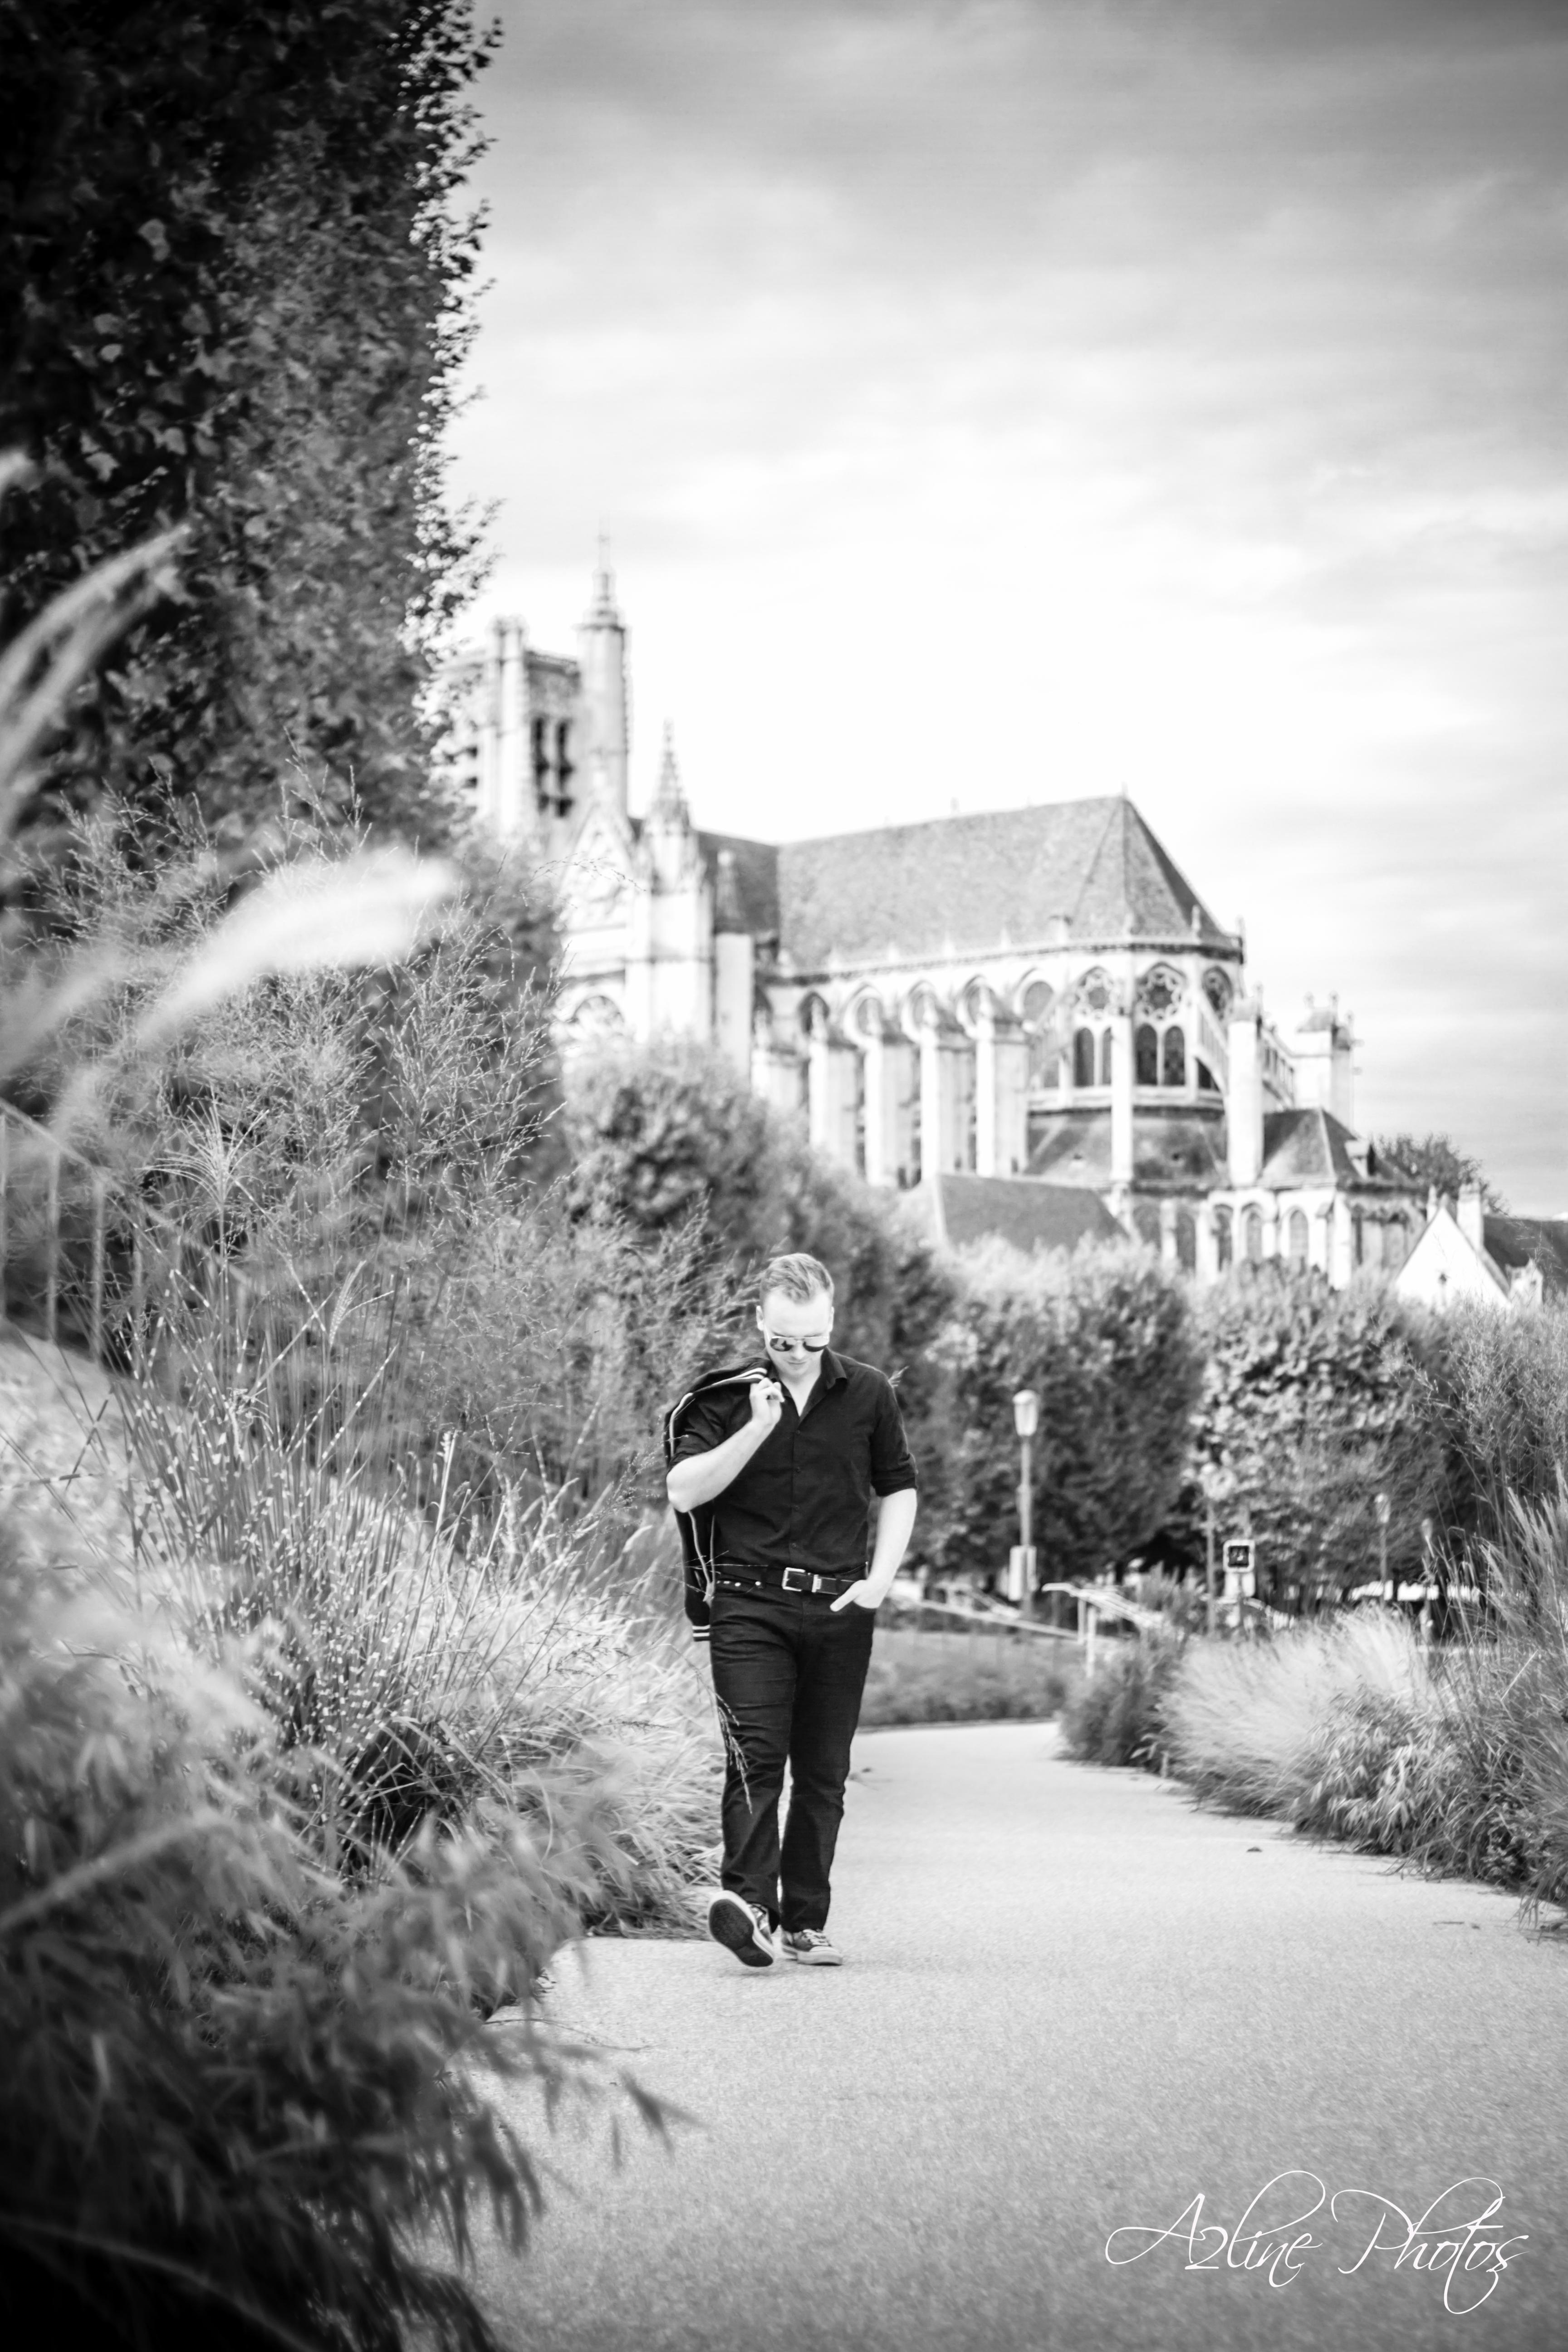 A2line Photos-photographe portrait lifestyle book  auxerre yonne.jpg